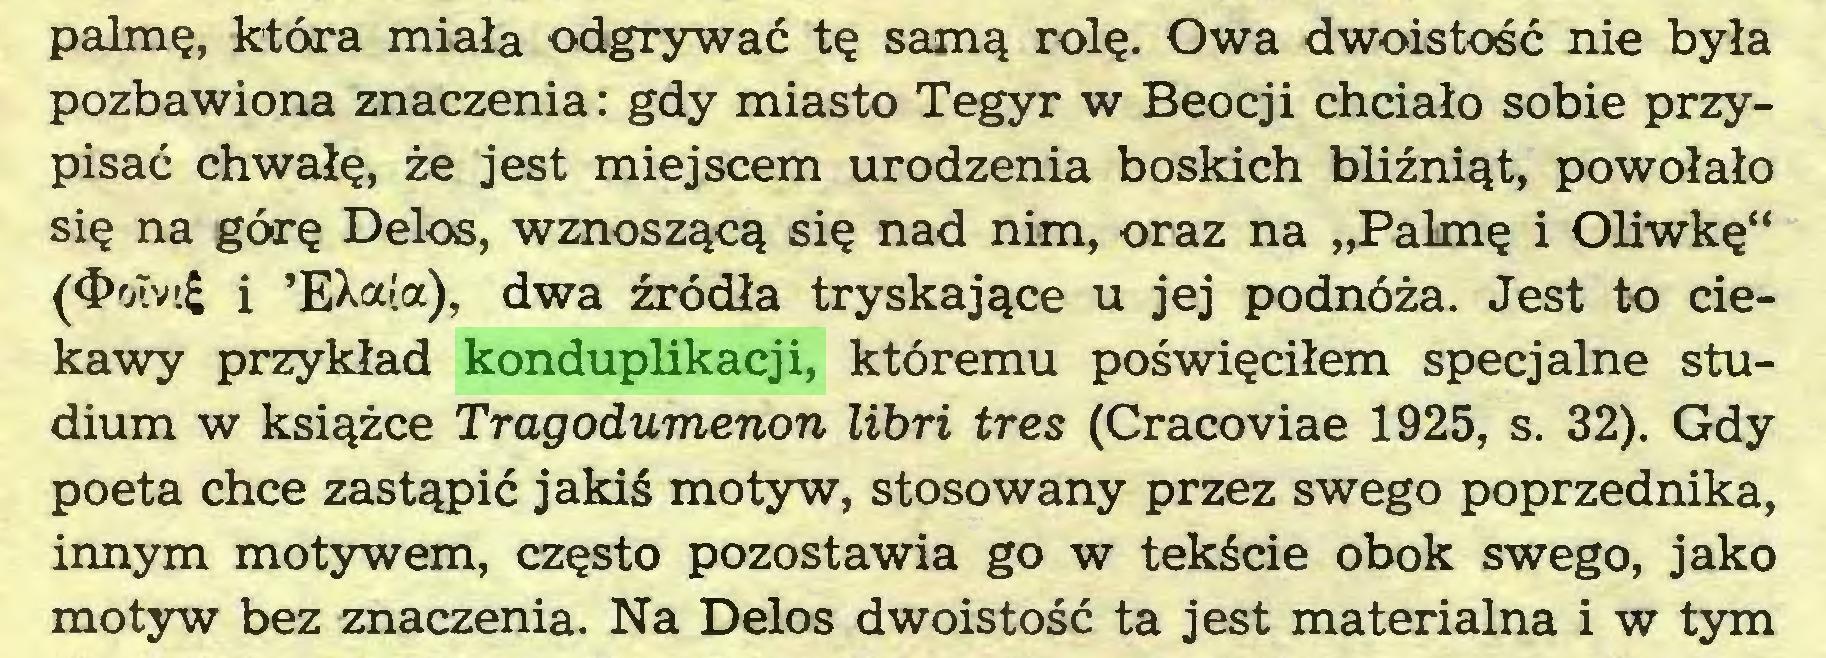 """(...) palmę, która miała odgrywać tę samą rolę. Owa dwoistość nie była pozbawiona znaczenia: gdy miasto Tegyr w Beocji chciało sobie przypisać chwałę, że jest miejscem urodzenia boskich bliźniąt, powołało się na górę Delos, wznoszącą się nad nim, oraz na """"Palmę i Oliwkę"""" (<J>otvt£ i 'EXa(a), dwa źródła tryskające u jej podnóża. Jest to ciekawy przykład konduplikacji, któremu poświęciłem specjalne studium w książce Tragodumenon libri tres (Cracoviae 1925, s. 32). Gdy poeta chce zastąpić jakiś motyw, stosowany przez swego poprzednika, innym motywem, często pozostawia go w tekście obok swego, jako motyw bez znaczenia. Na Delos dwoistość ta jest materialna i w tym..."""